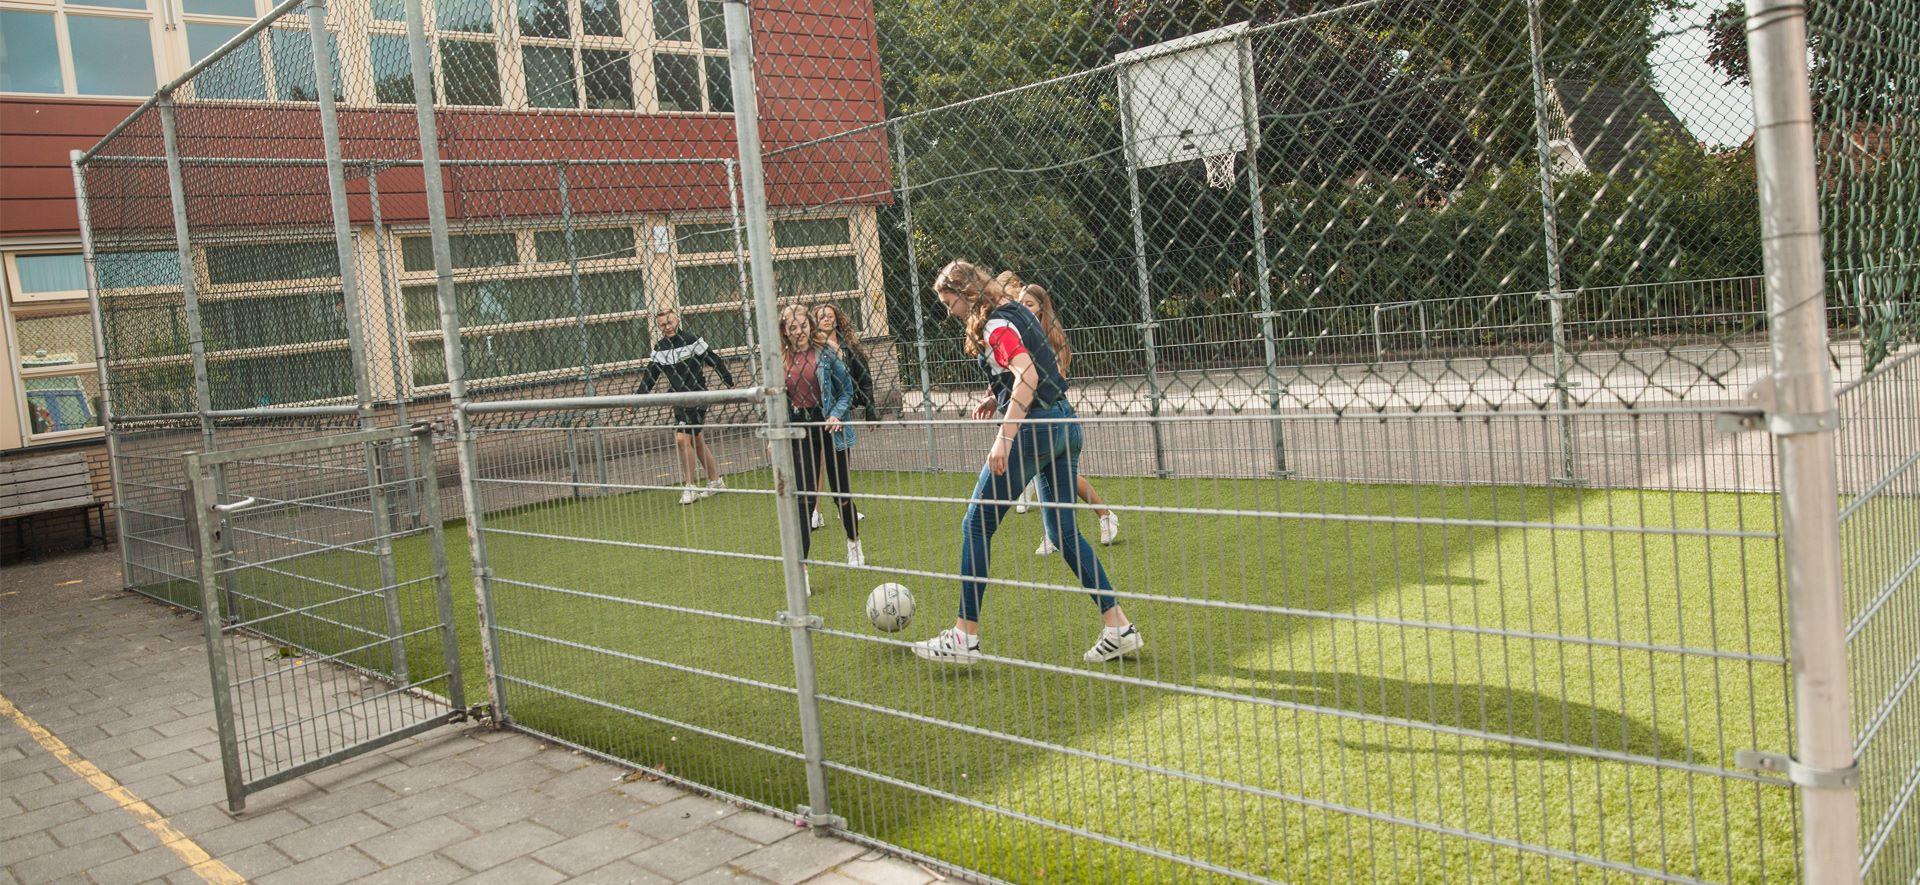 https://www.ubboemmius.nl/wp-content/uploads/2018/09/20180823_Ubbo_online_beeldmateriaal_bronbestand_17_KB_sport-1.jpg